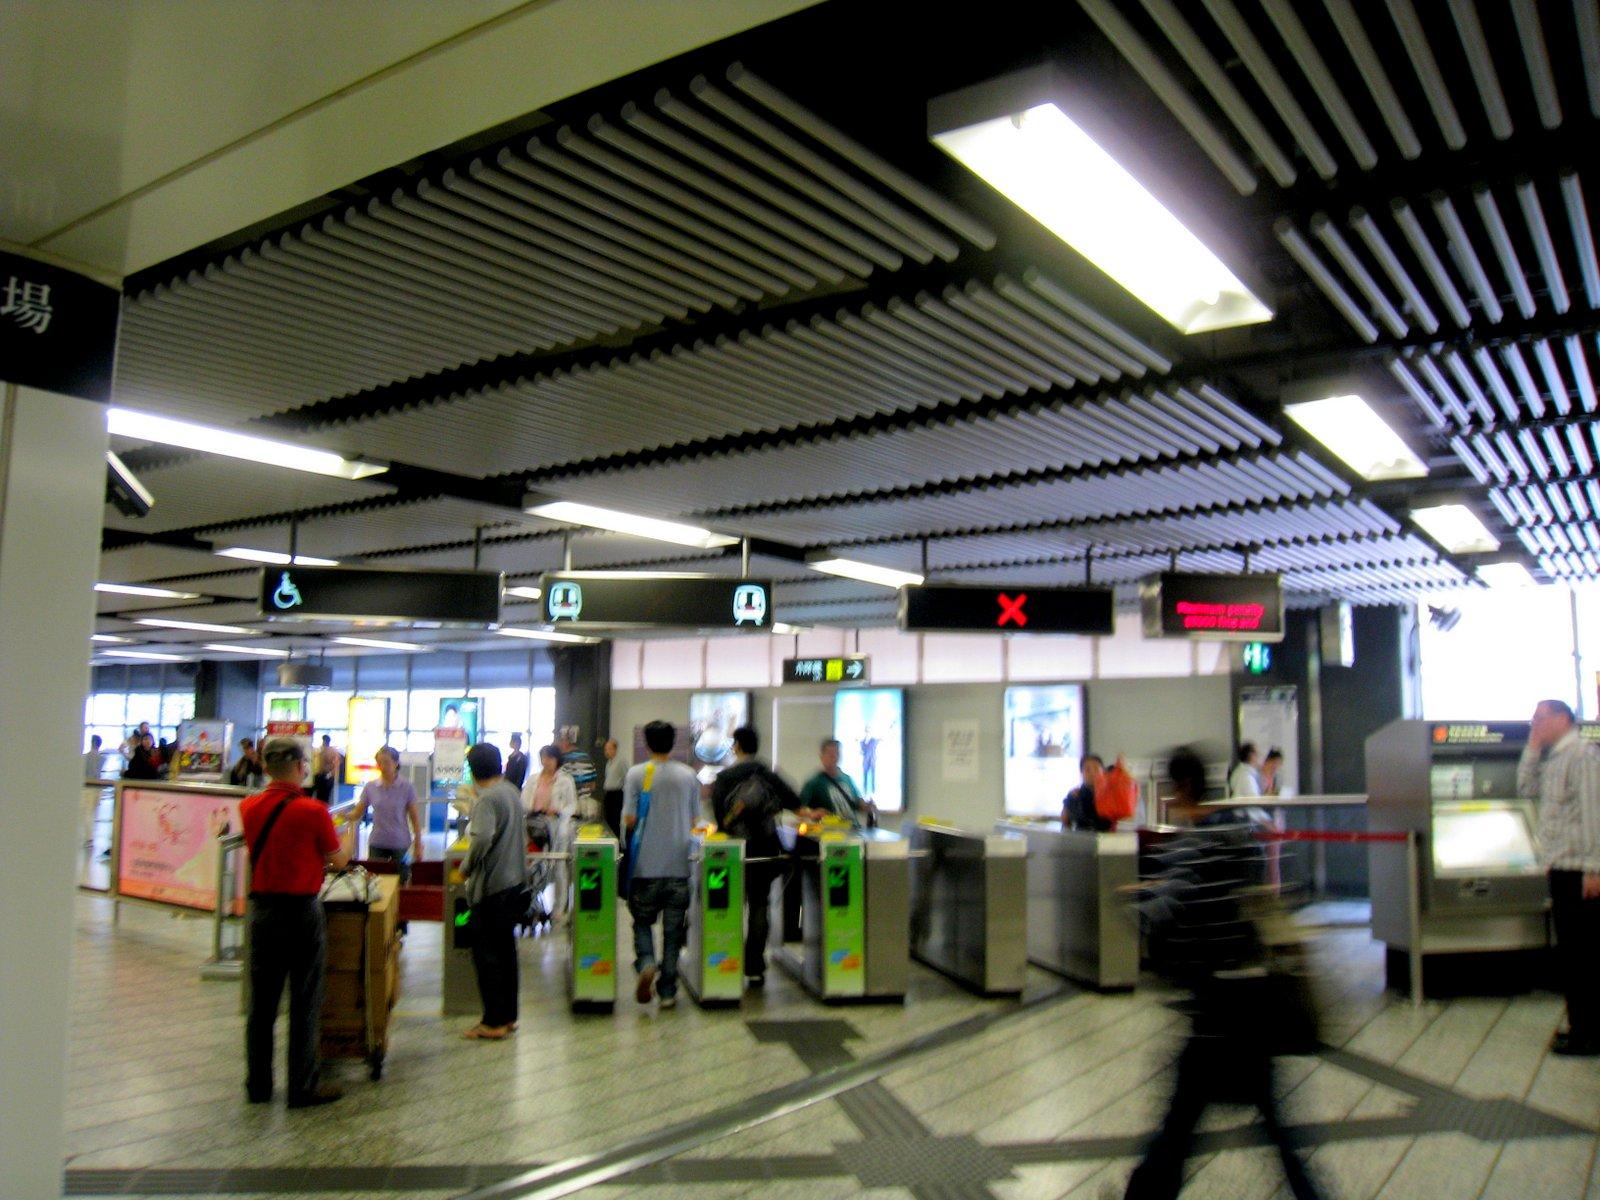 香港九龍地鐵站|地鐵- 香港九龍地鐵站|地鐵 - 快熱資訊 - 走進時代